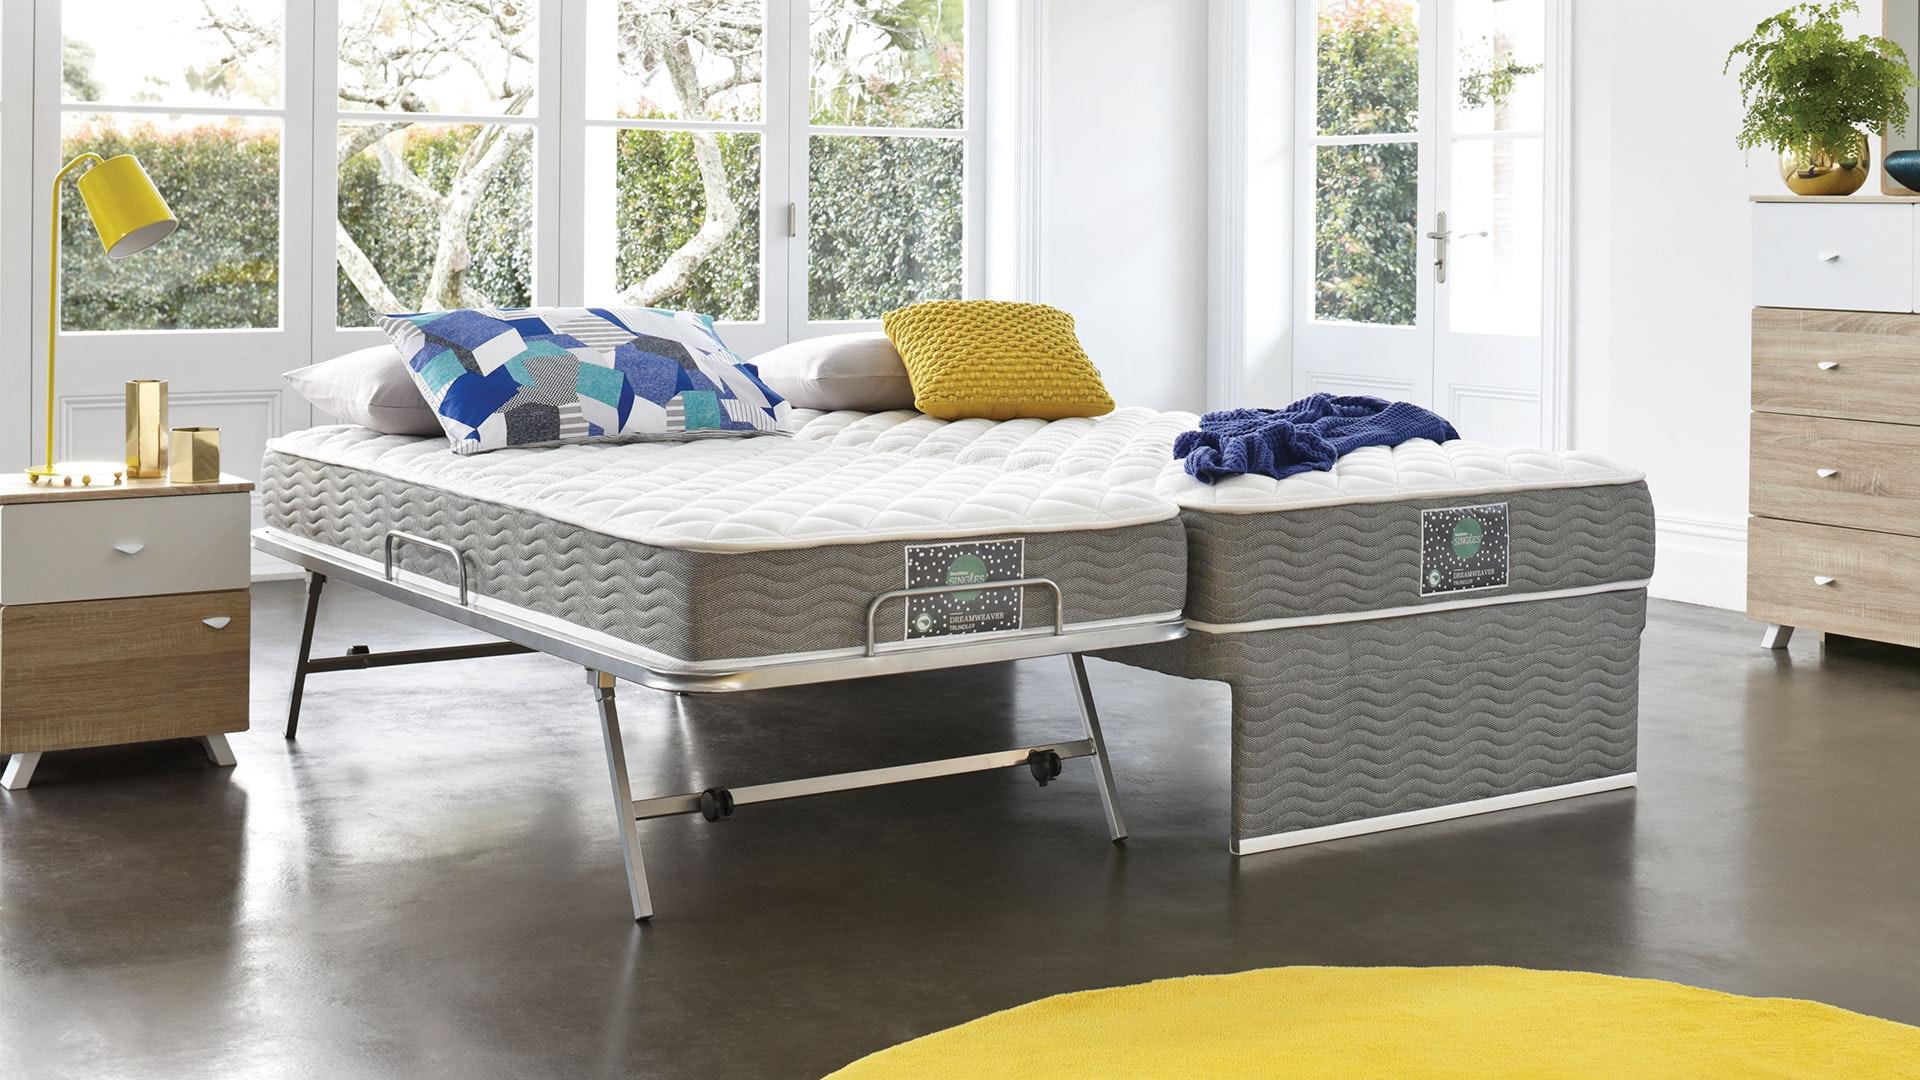 Dreamweaver King Single Trundle Bed by Sleepmaker